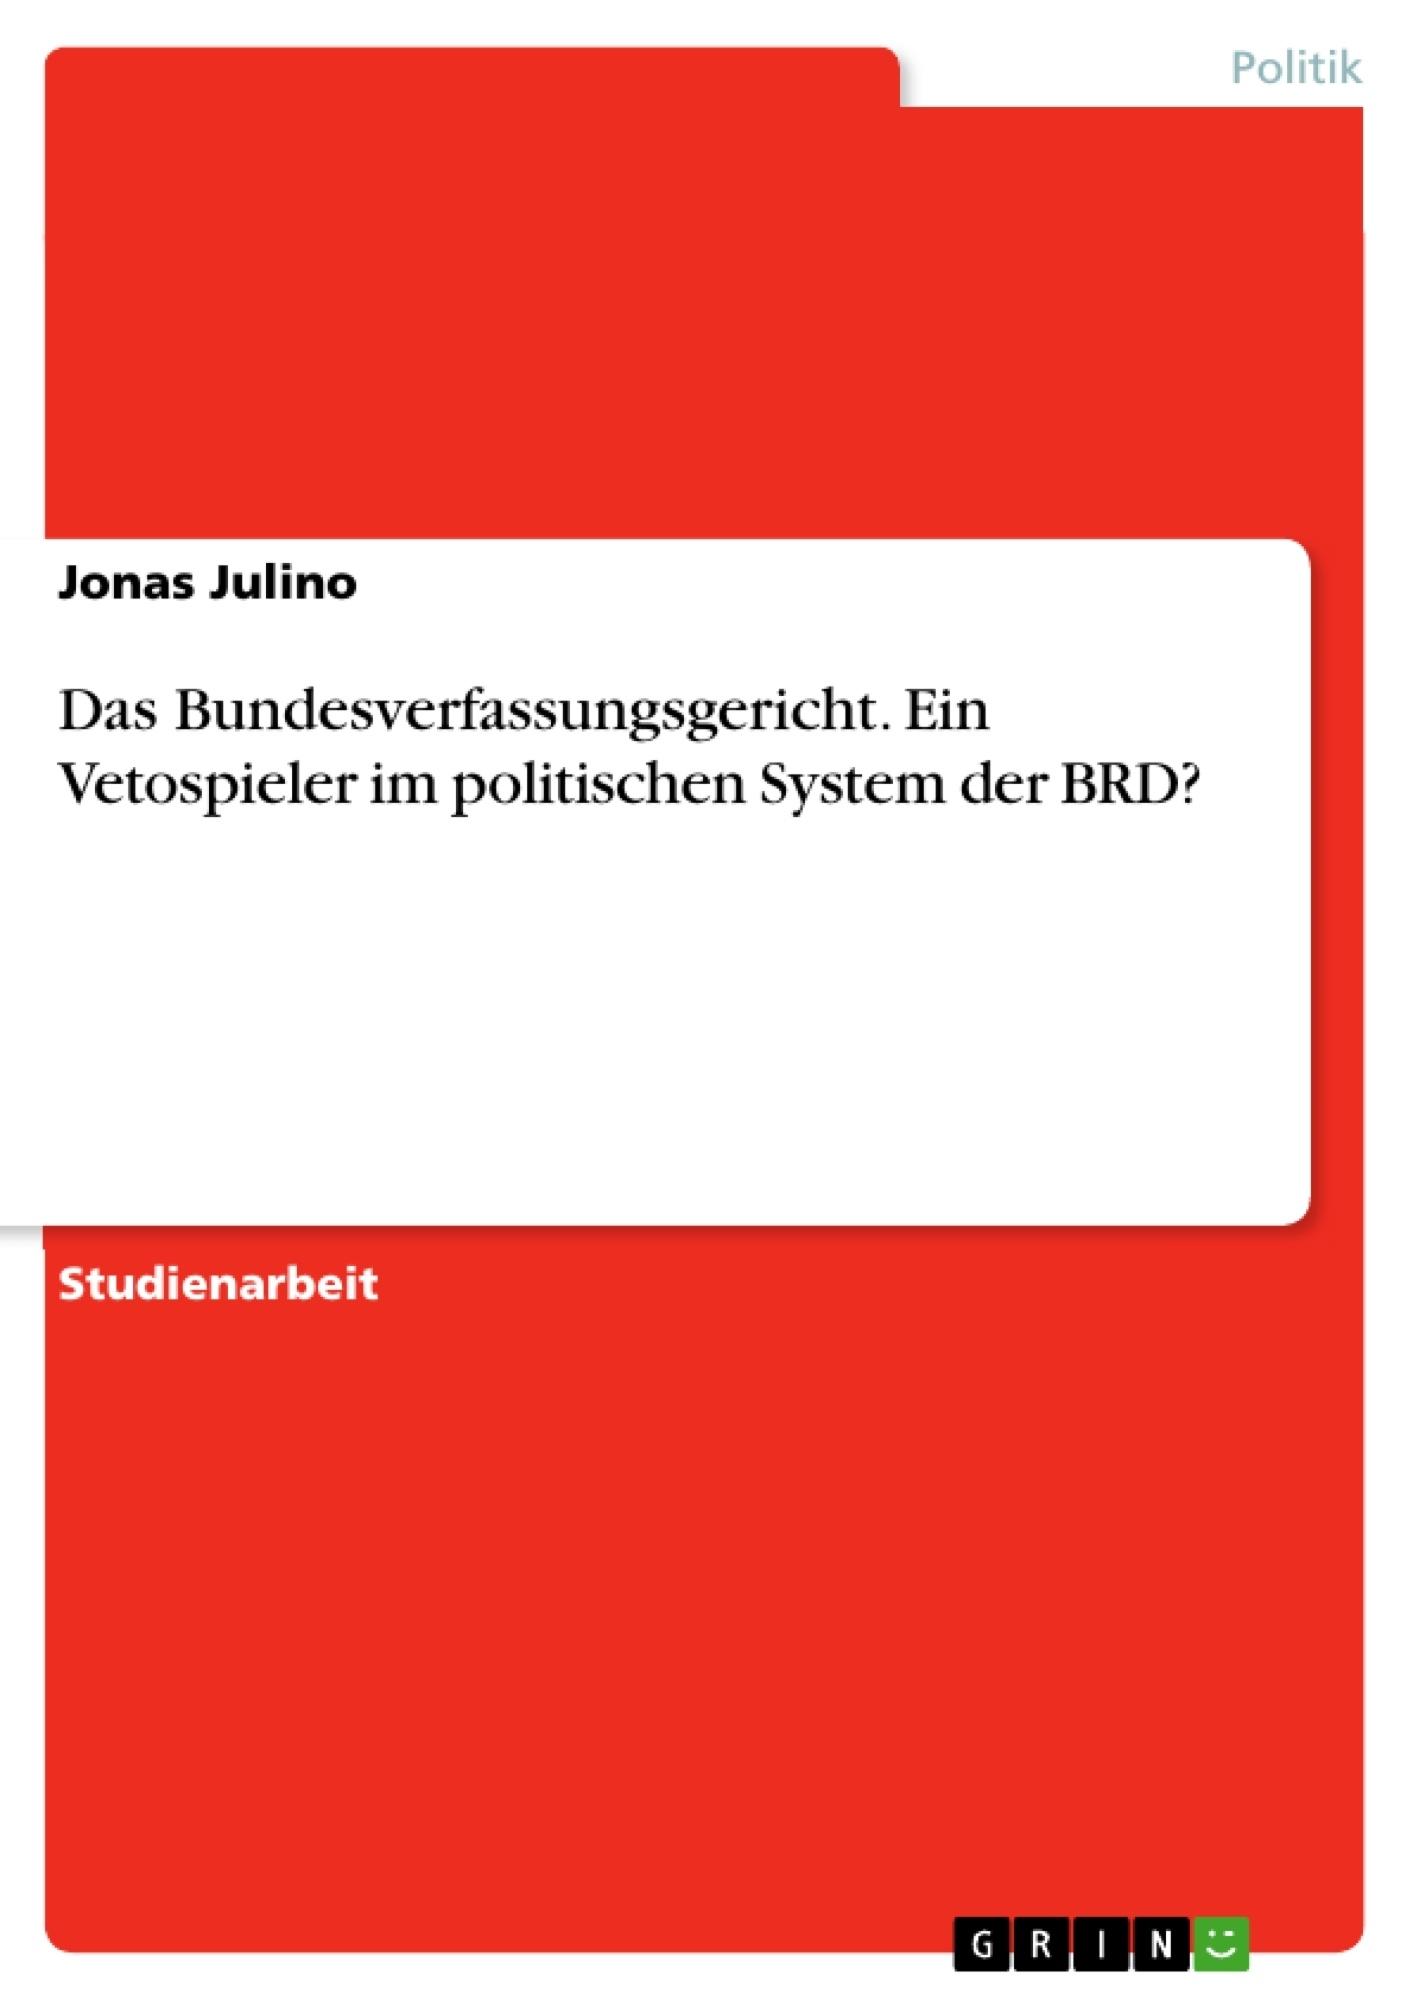 Titel: Das Bundesverfassungsgericht. Ein Vetospieler im politischen System der BRD?